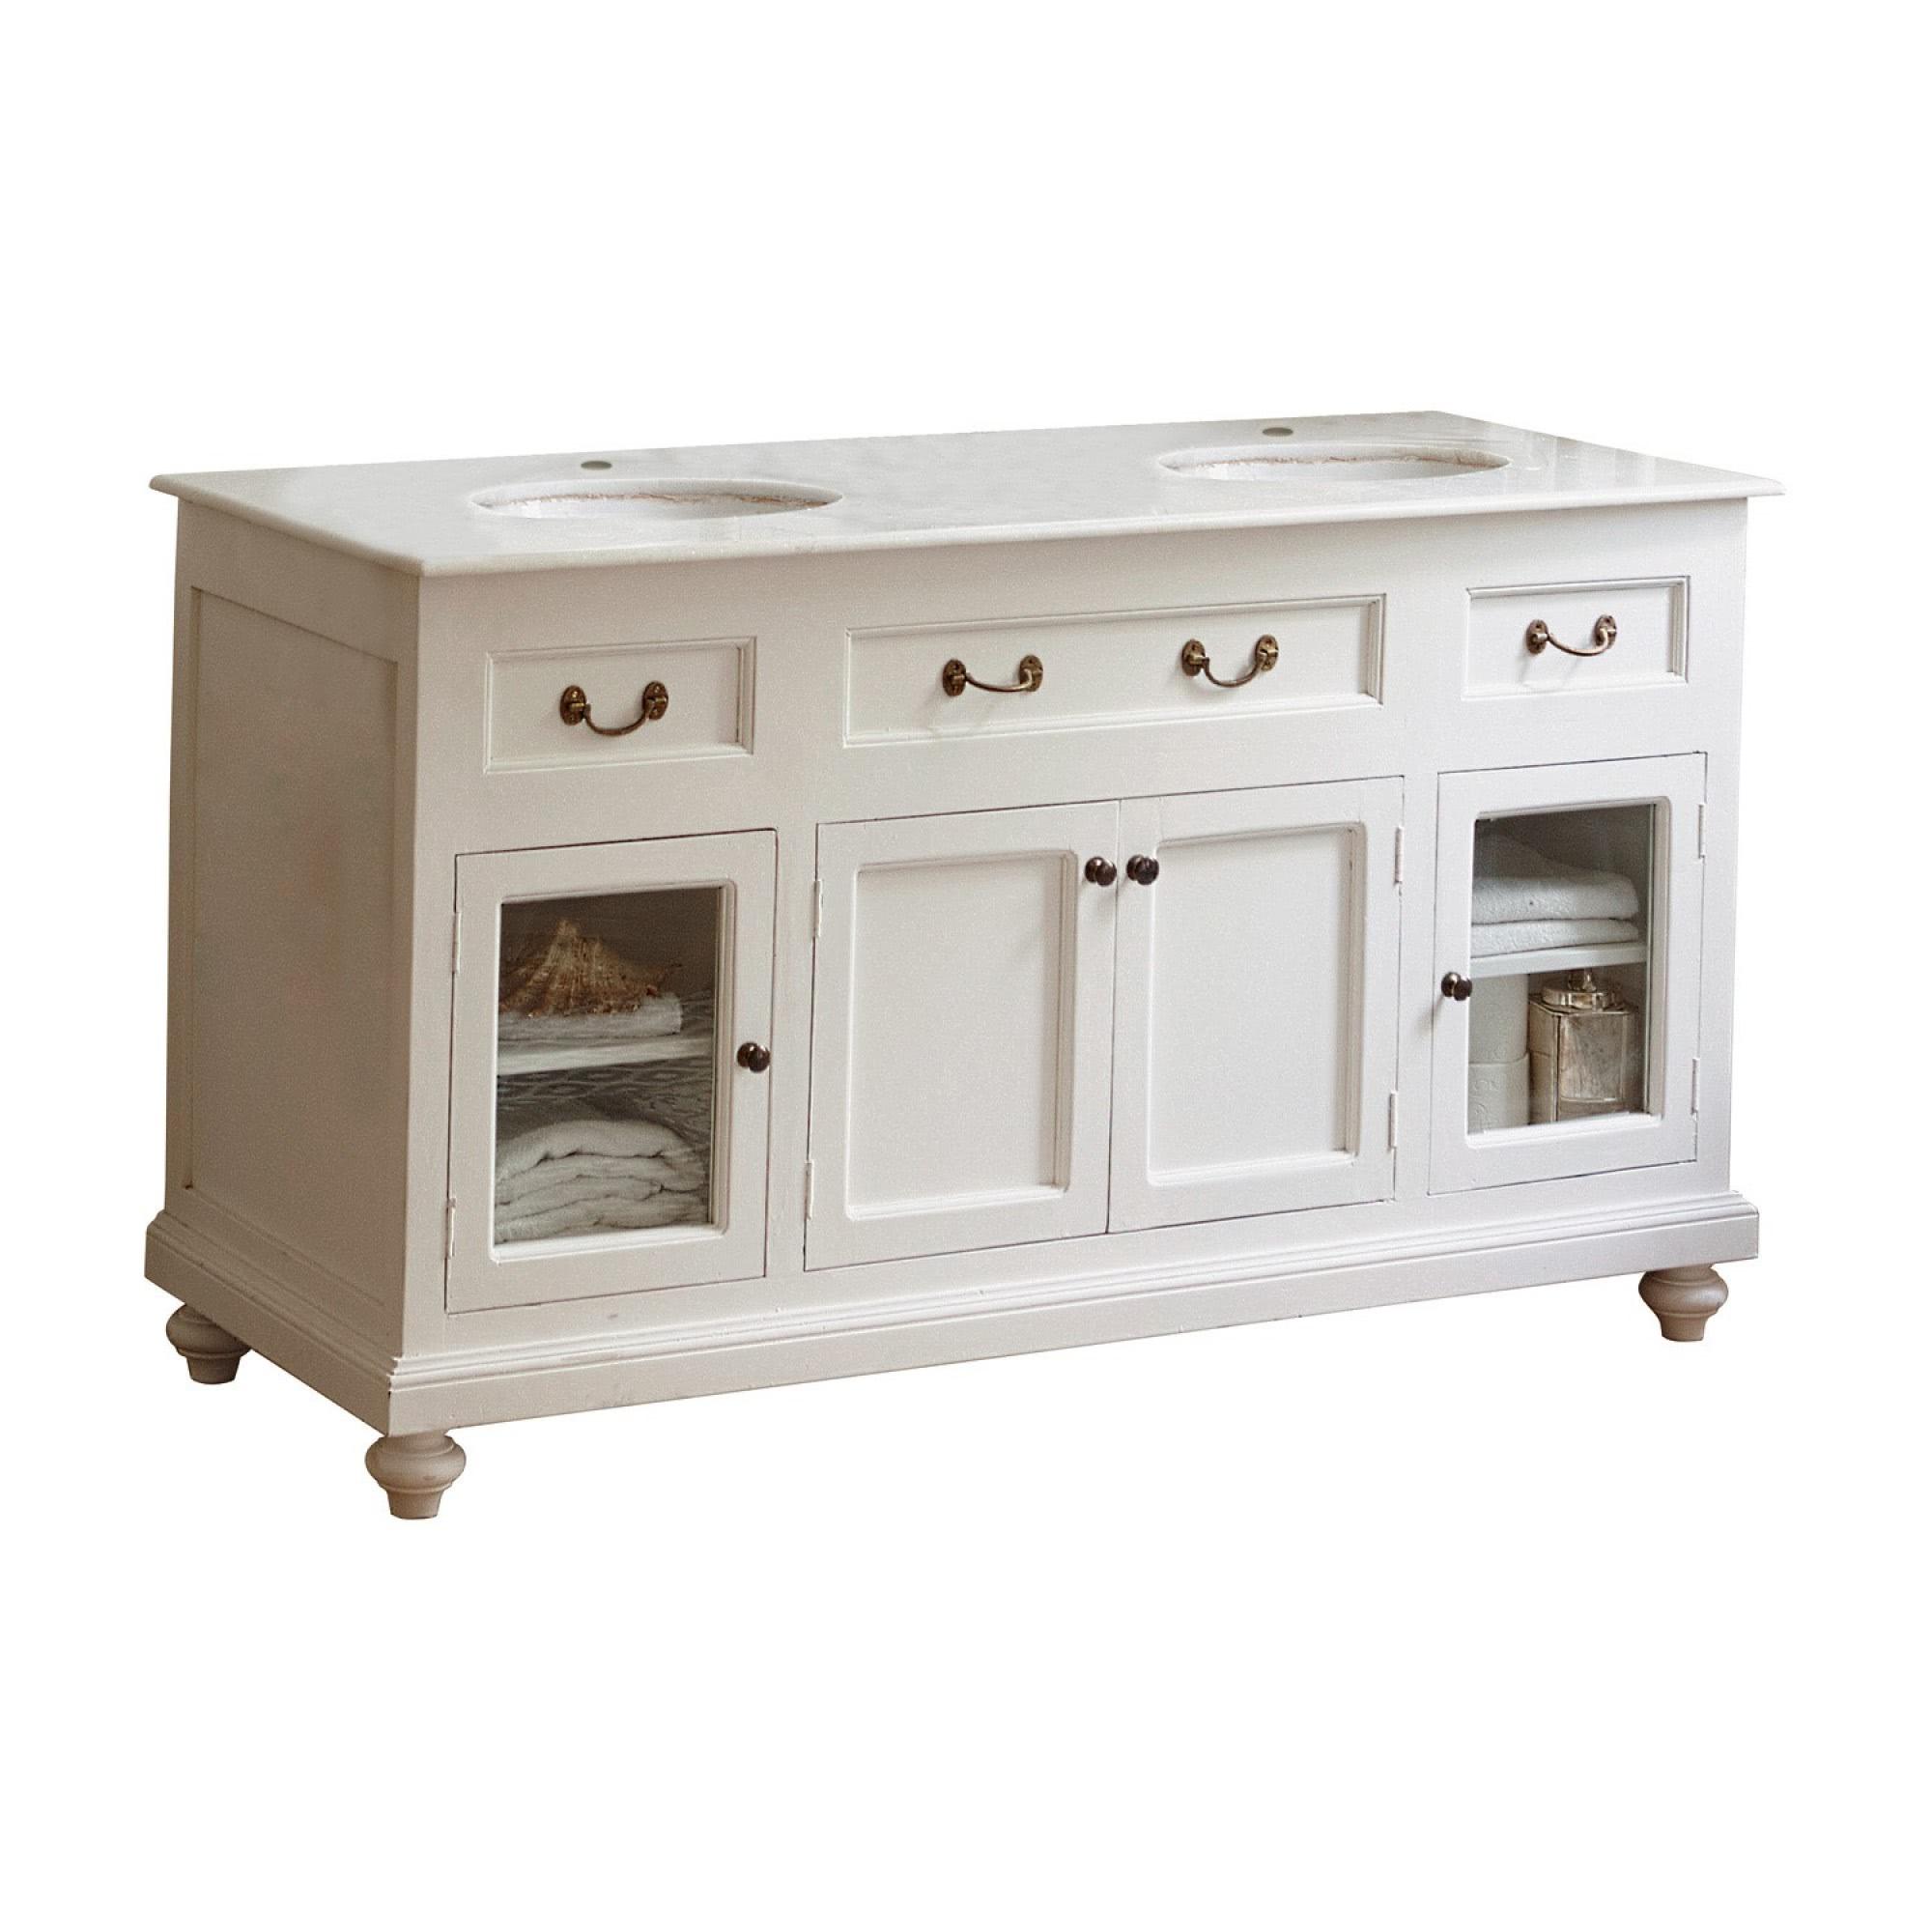 Marmorplatte Küche ist genial ideen für ihr haus design ideen